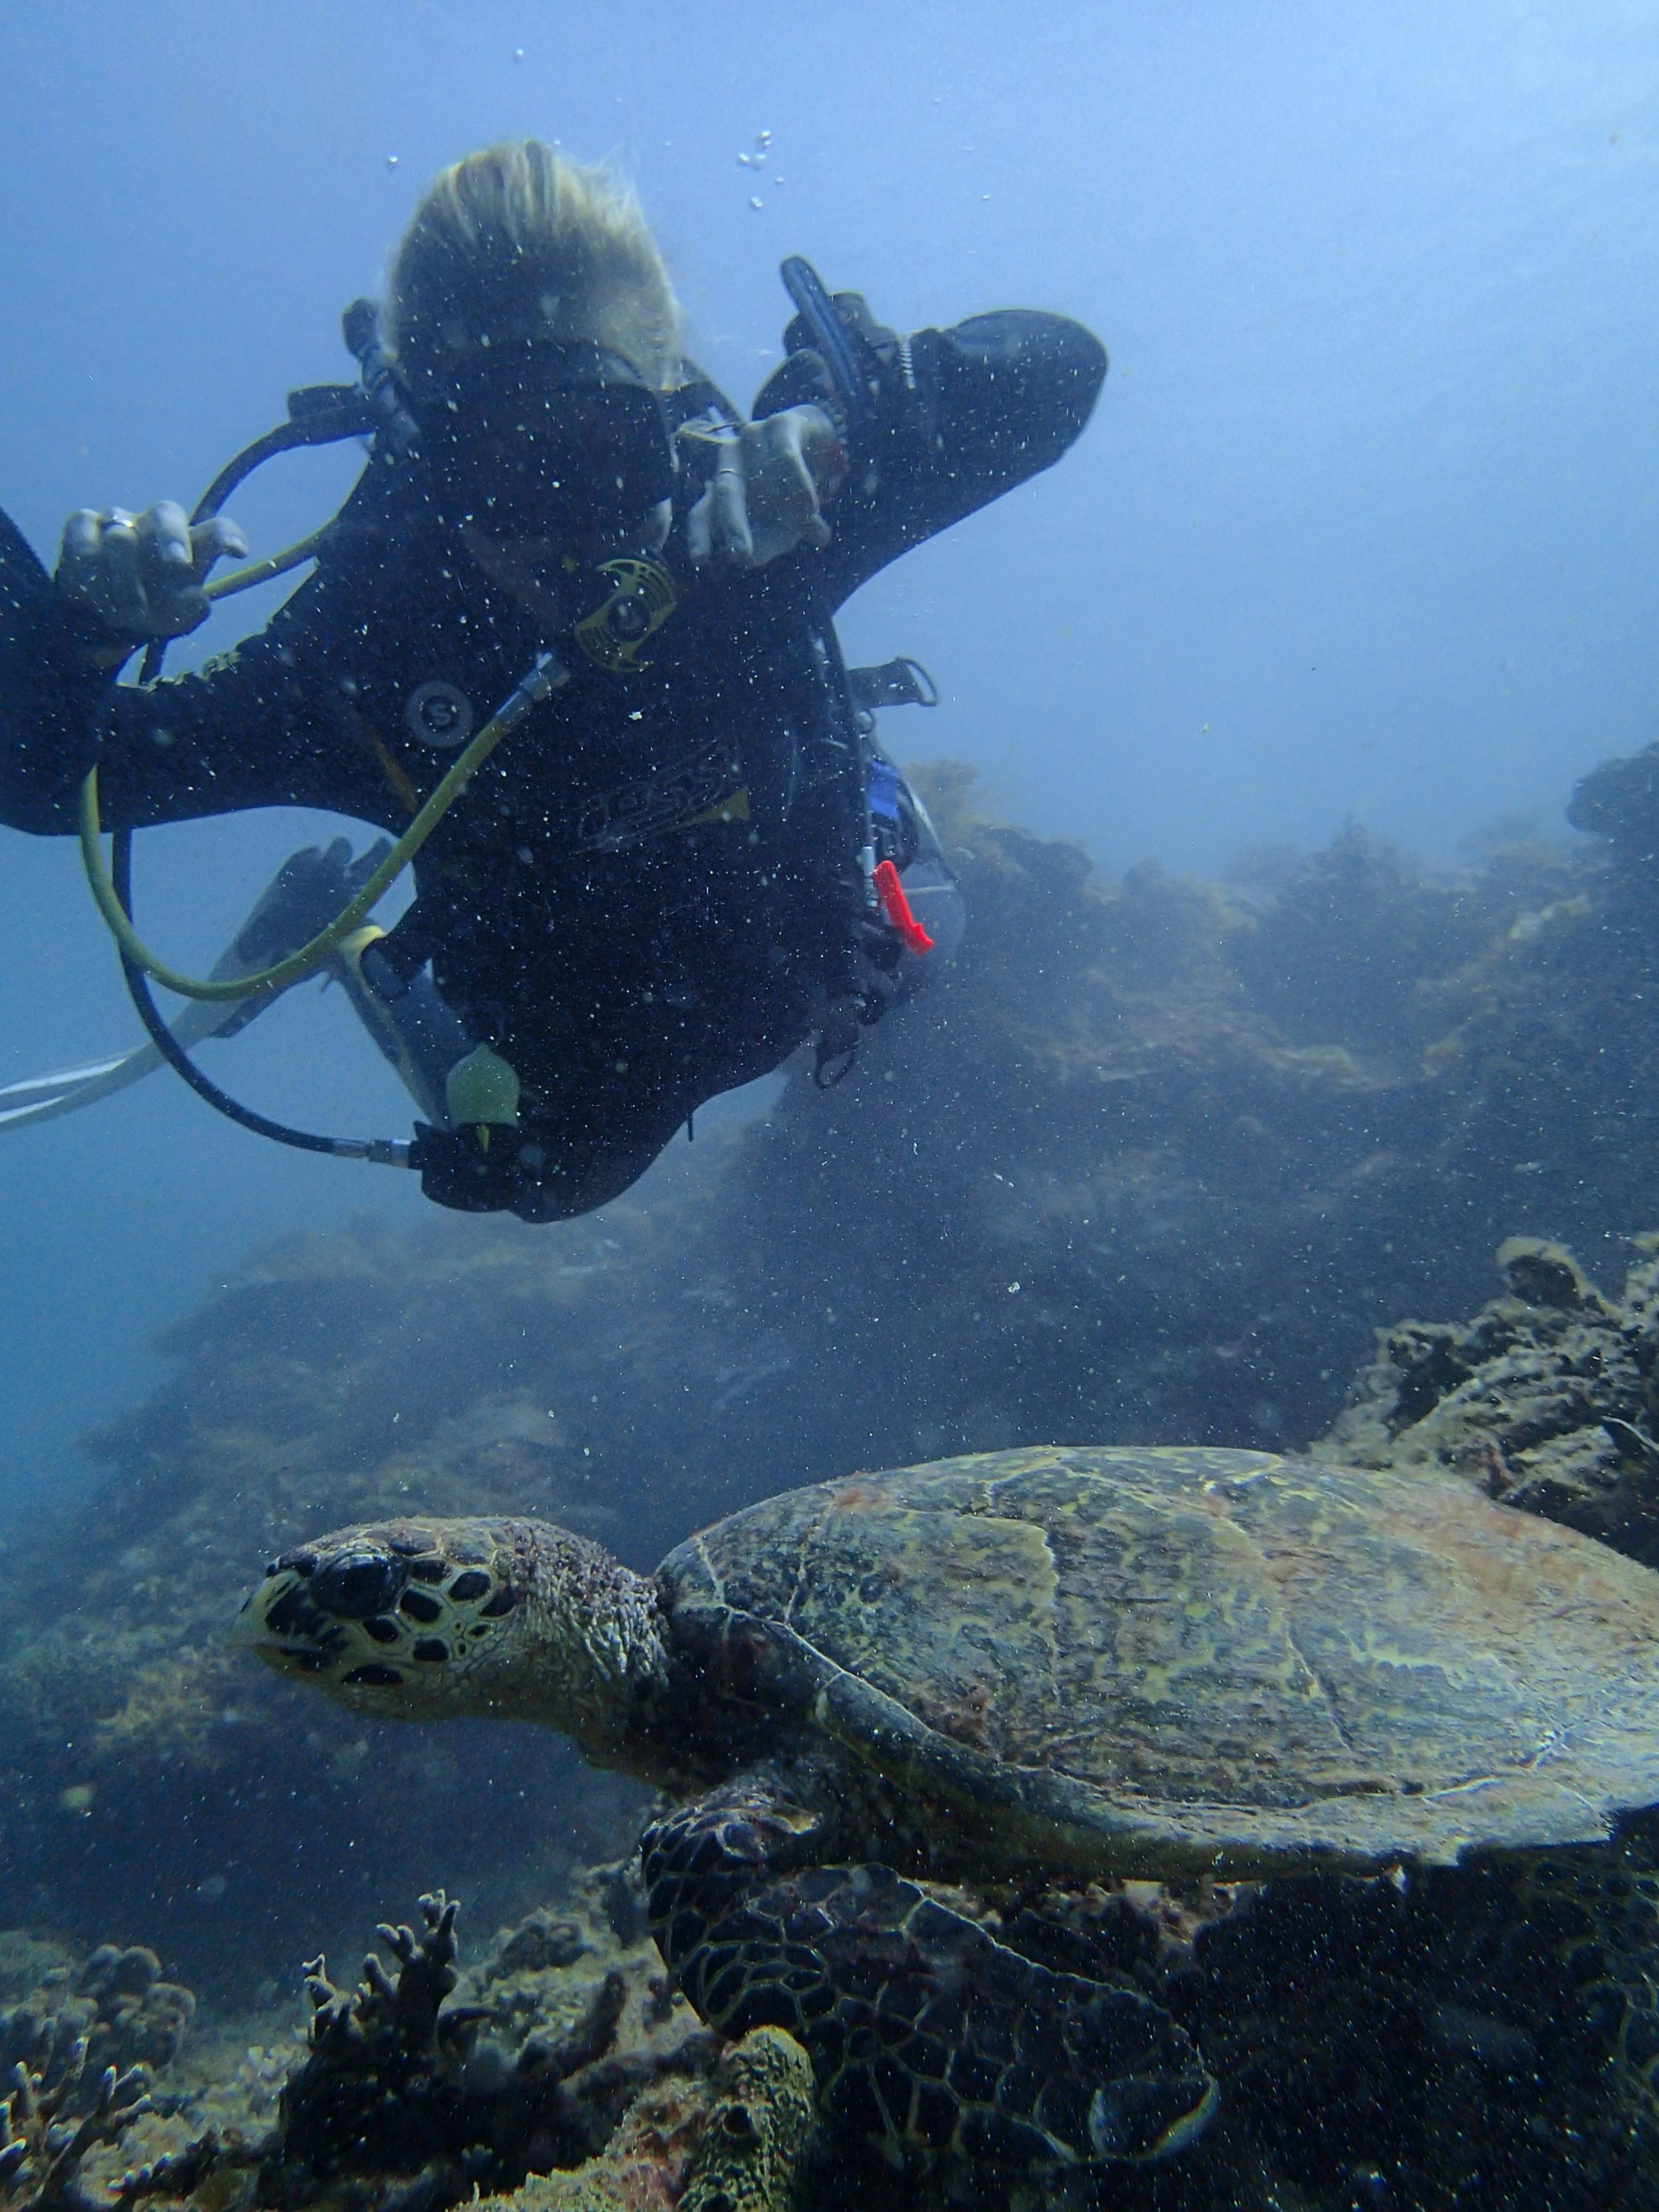 <3 turtles!